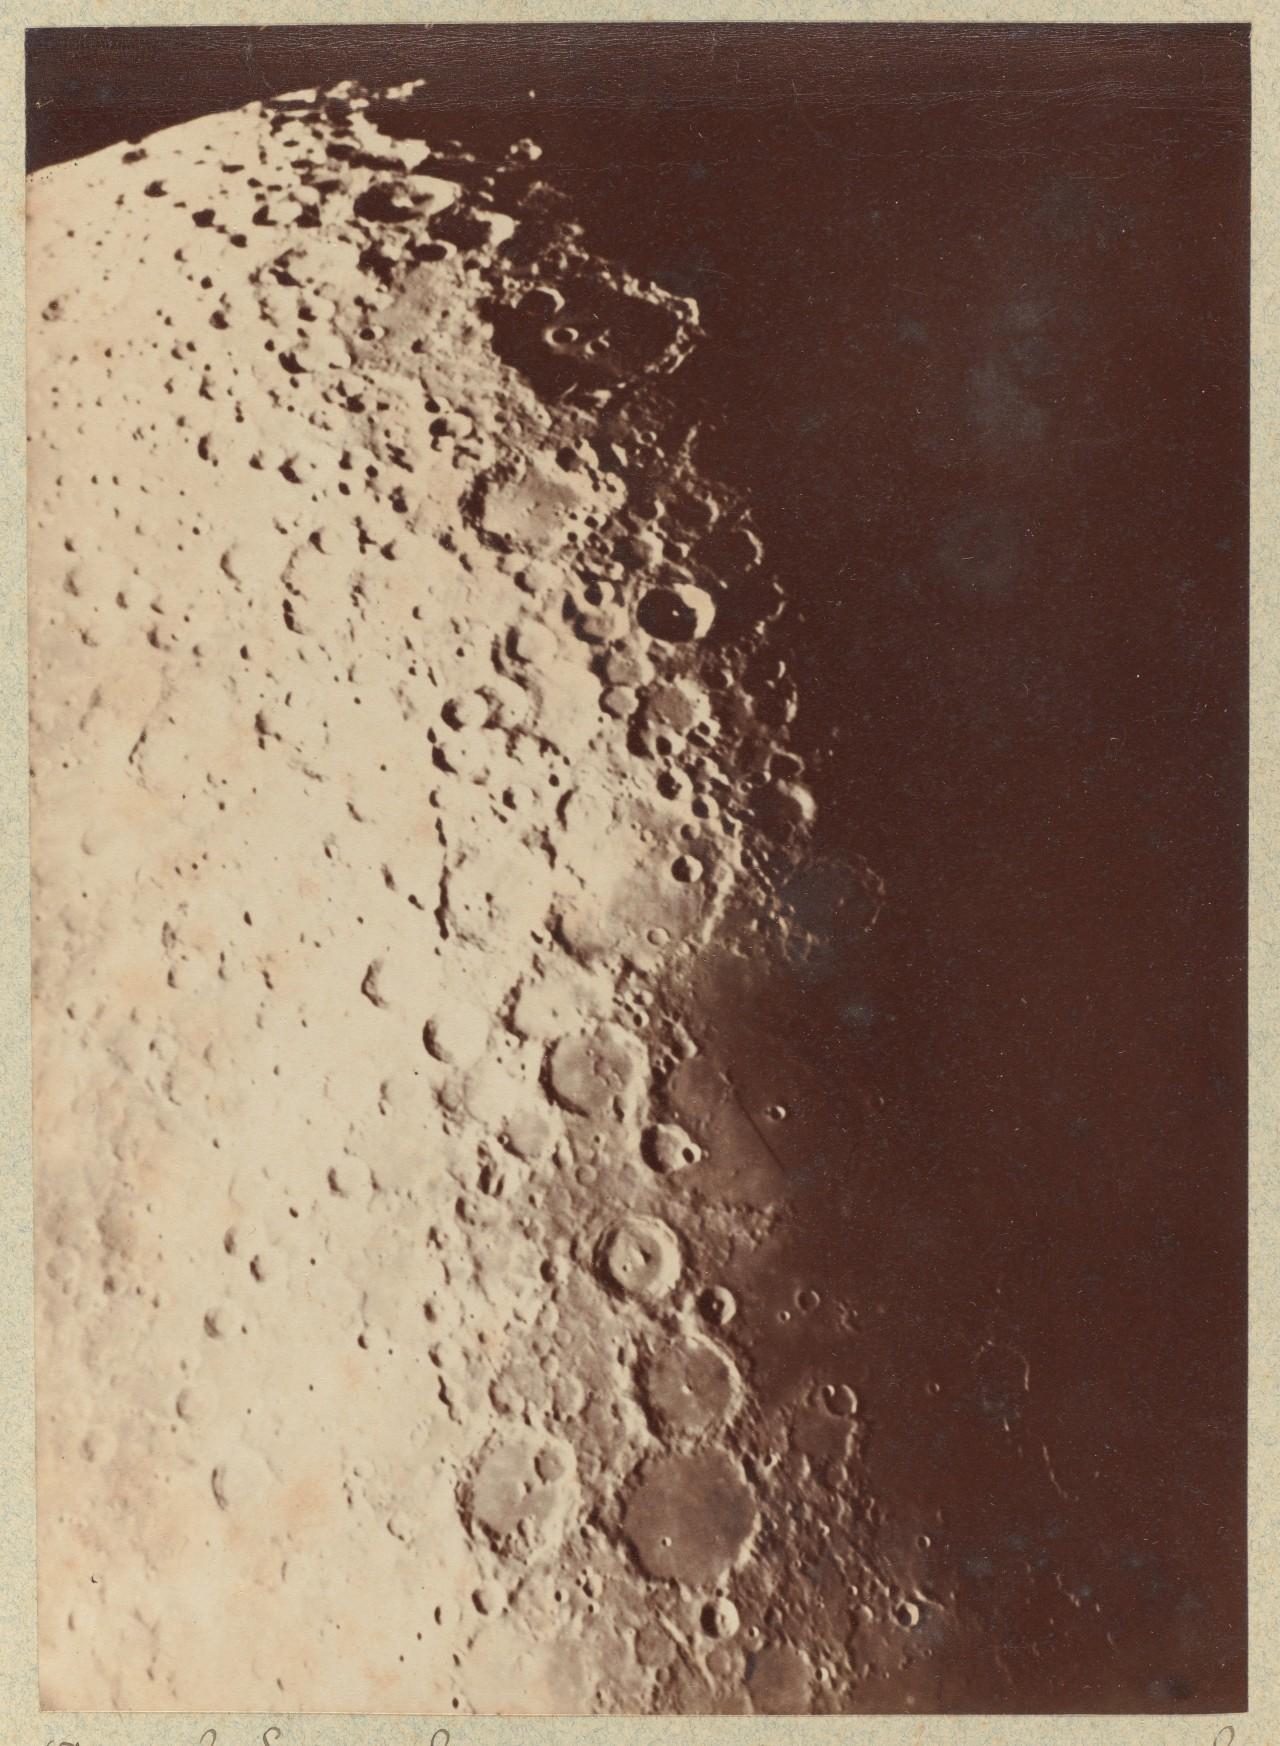 Южный полюс Луны, 1890. Автор Пол Генри, астроном из Парижской обсерватории